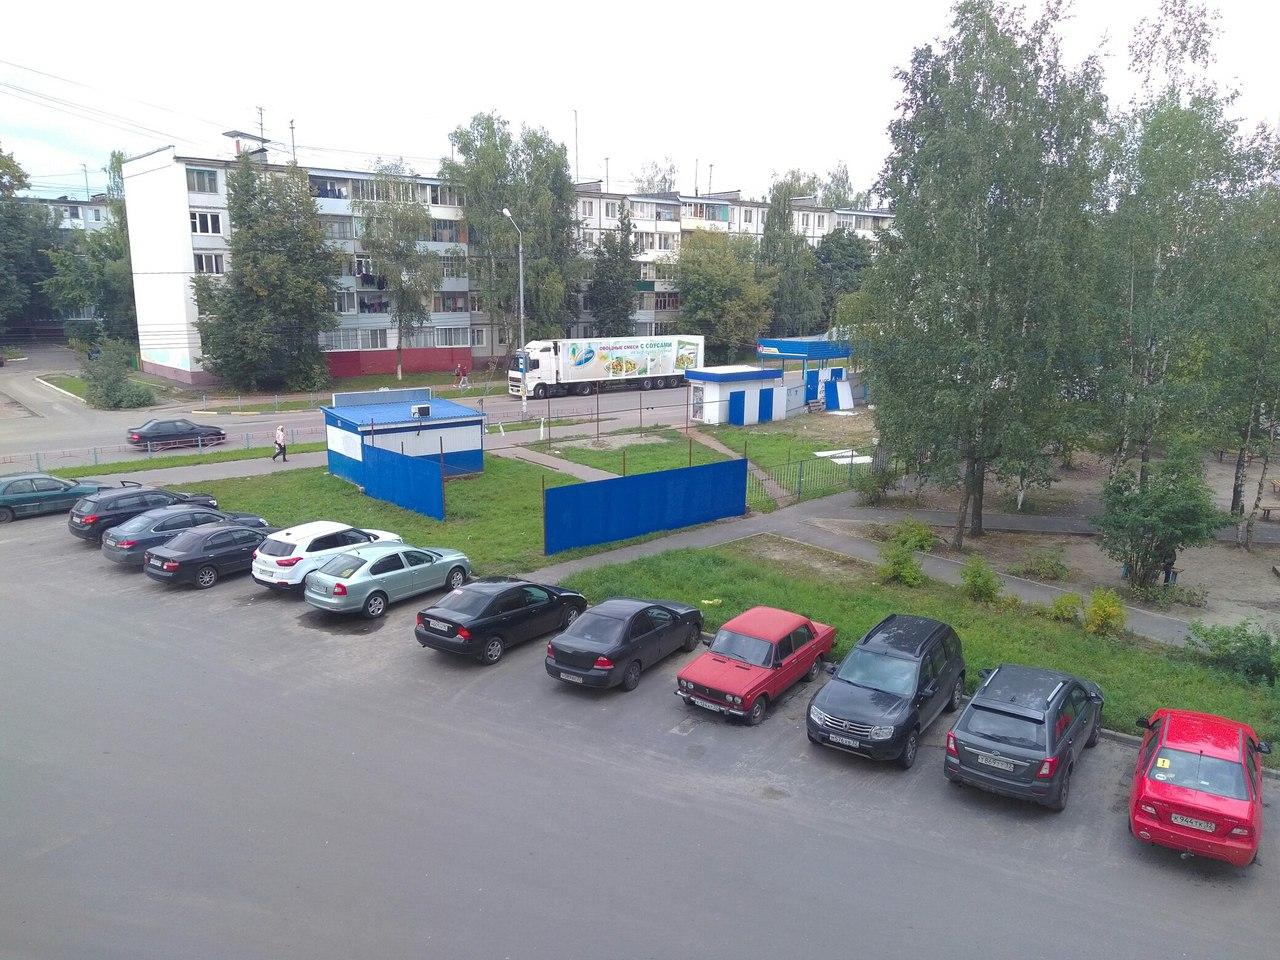 В поликлиника сосновом бору лечение Москве 42 автобус лечение алкоголизма лечение алкоголизма в рк